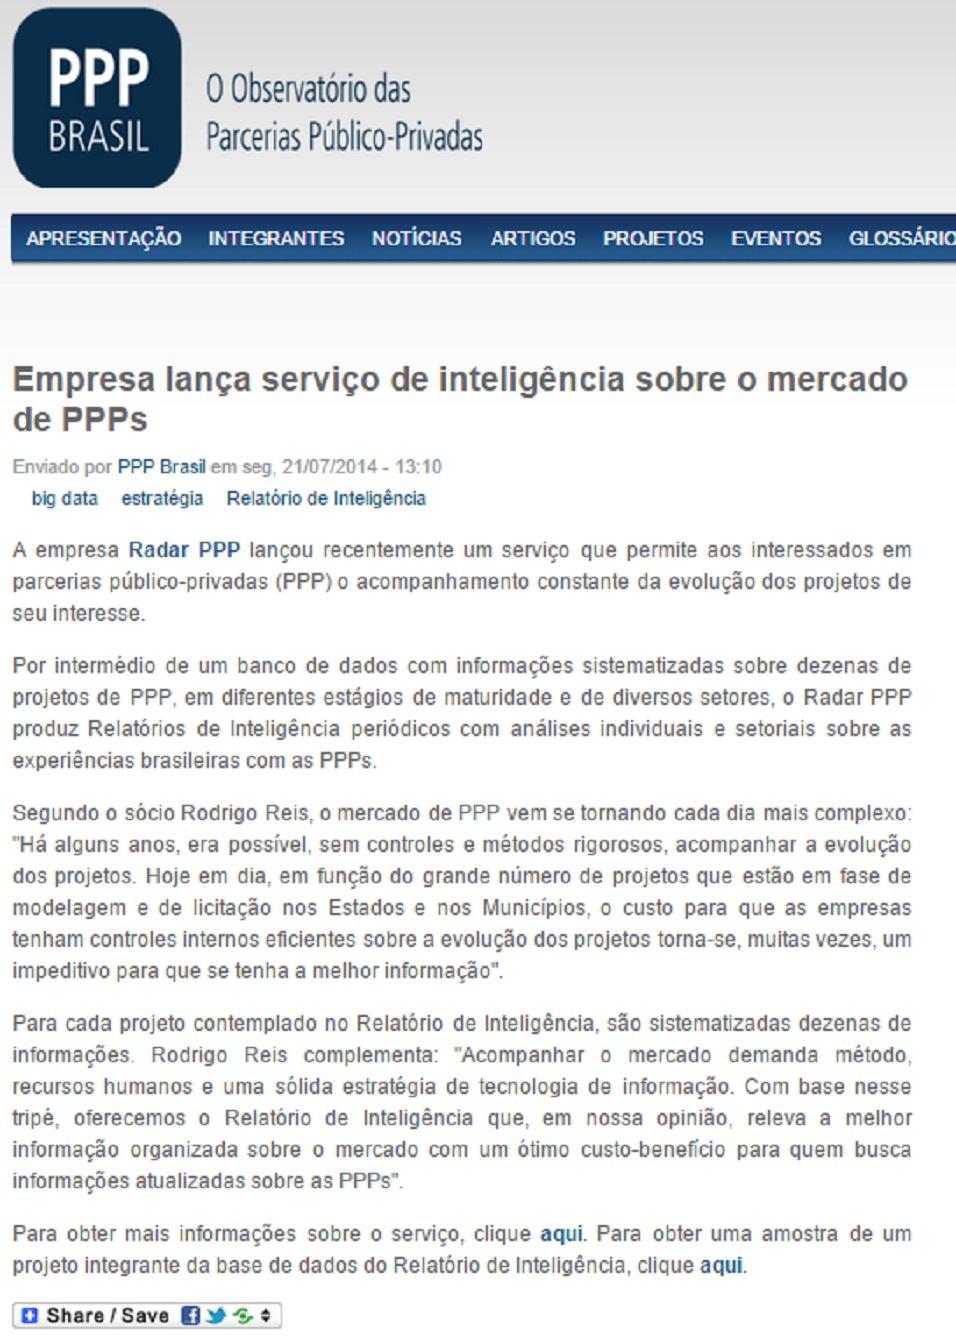 Imagem da noticia do PPP Brasil sobre o Relatório de Inteligencia (2014)